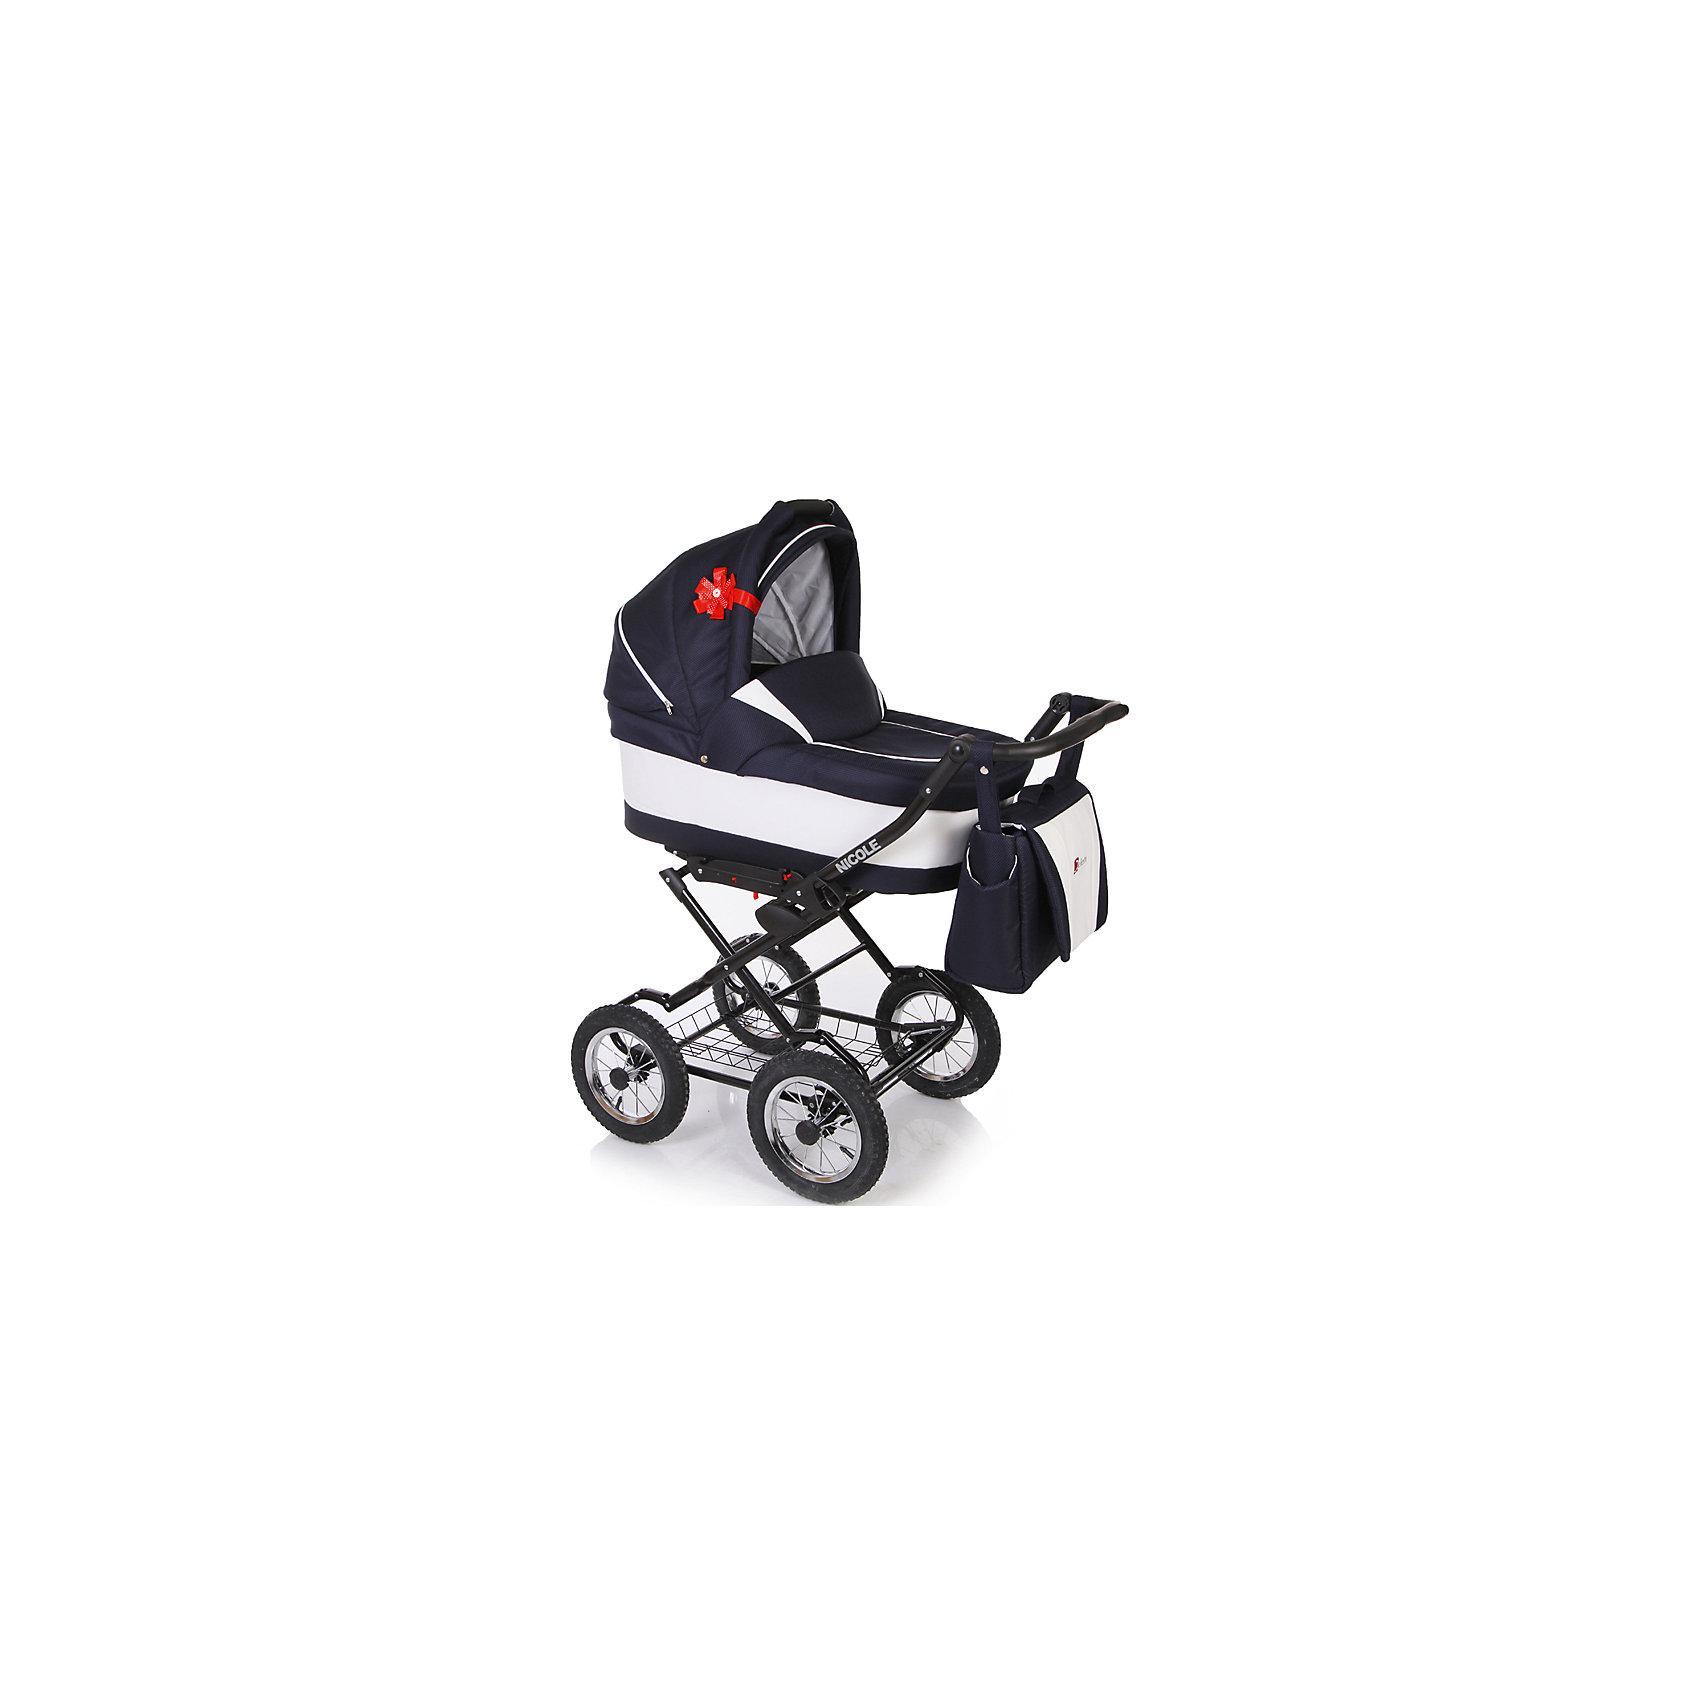 Коляска 2 в 1 NICOLE, Jetem, т.синий/ЭКО кожа белыйJETEM Nicole (Жэтэм Николь) – многофункциональная коляска с приятной расцветкой, предназначенная для прогулок с детьми с рождения и до 3 лет. Оба модуля коляски возможно установить лицом к маме и по ходу движения. Благодаря просторной люльке и большим надувным колёсам, даже зимняя прогулка принесёт удовольствие и маме, и малышу. Коляска оснащена вместительной сумкой для мамы, большой корзиной для покупок, регулирующимися ручкой и подножкой и спинкой.<br>Особенности и преимущества:<br>-сложение рамы «книжкой»<br>-вместительная корзина для покупок и сумка для мамы<br>-съемная х/б подкладка<br>-съемный утепленный чехол<br>-возможности регулировки подножки, спинки и ручки коляски<br>Комплектация: москитная сетка, дождевик, сумка для мамы, декоративный бантик на магните<br>Размеры: 46x44x90 см<br>Вес с упаковкой: 25 кг<br>Ширина оси: 58 см<br>Размеры люльки: 80x39x24 см<br>Размеры прогулочного блока: 90x35 см<br><br>Вы можете приобрести коляску JETEM Nicole в нашем интернет-магазине.<br><br>Ширина мм: 850<br>Глубина мм: 310<br>Высота мм: 630<br>Вес г: 25000<br>Возраст от месяцев: 0<br>Возраст до месяцев: 36<br>Пол: Унисекс<br>Возраст: Детский<br>SKU: 4905314